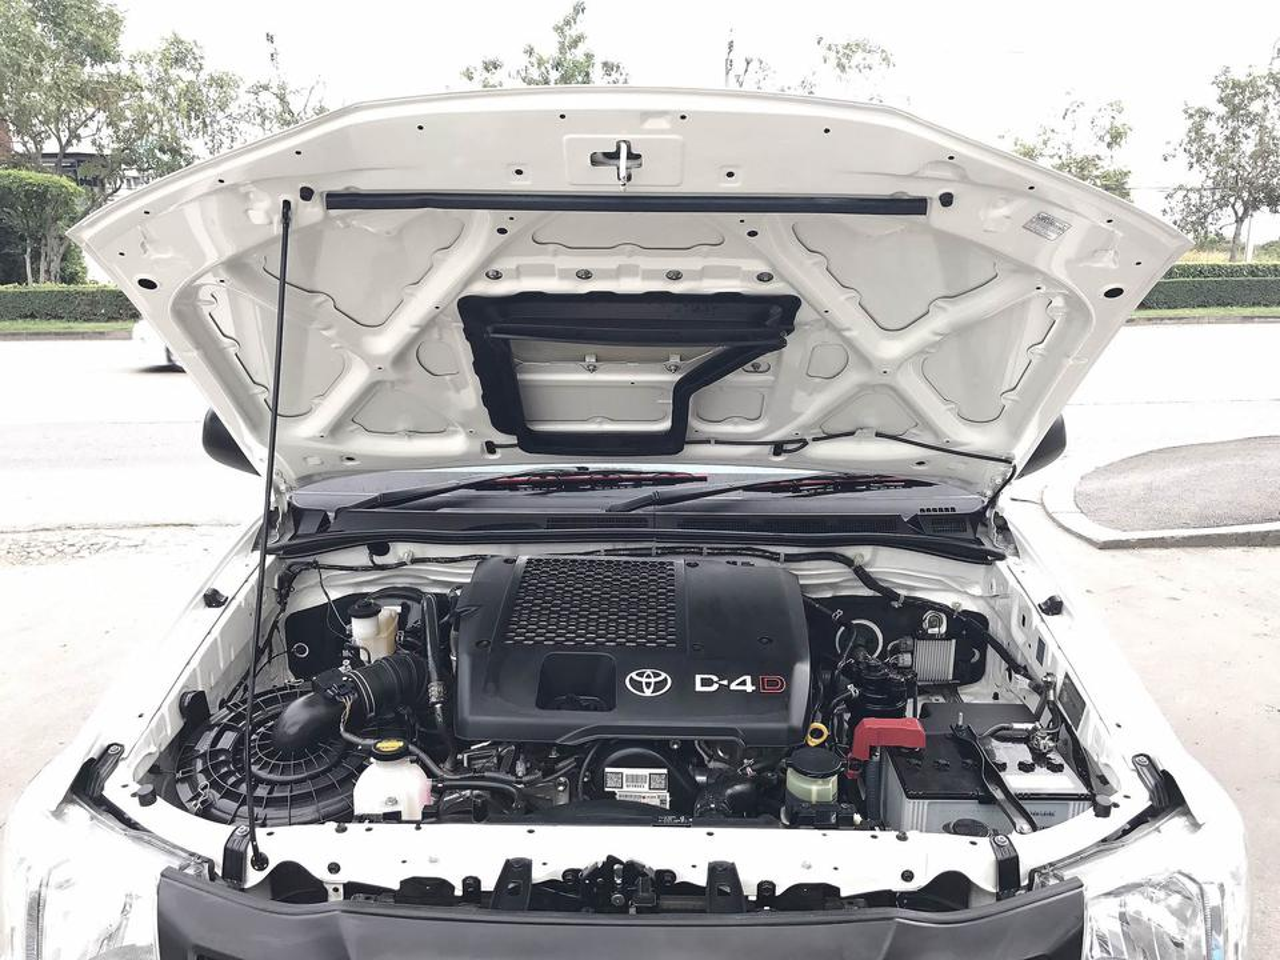 TOYOTA VIGO CHAMP 2.5 CAB J เกียร์ธรรมดา ปี2015 สวยจัดไม่มีชนมือเดียวรถบ้าน รูปที่ 6